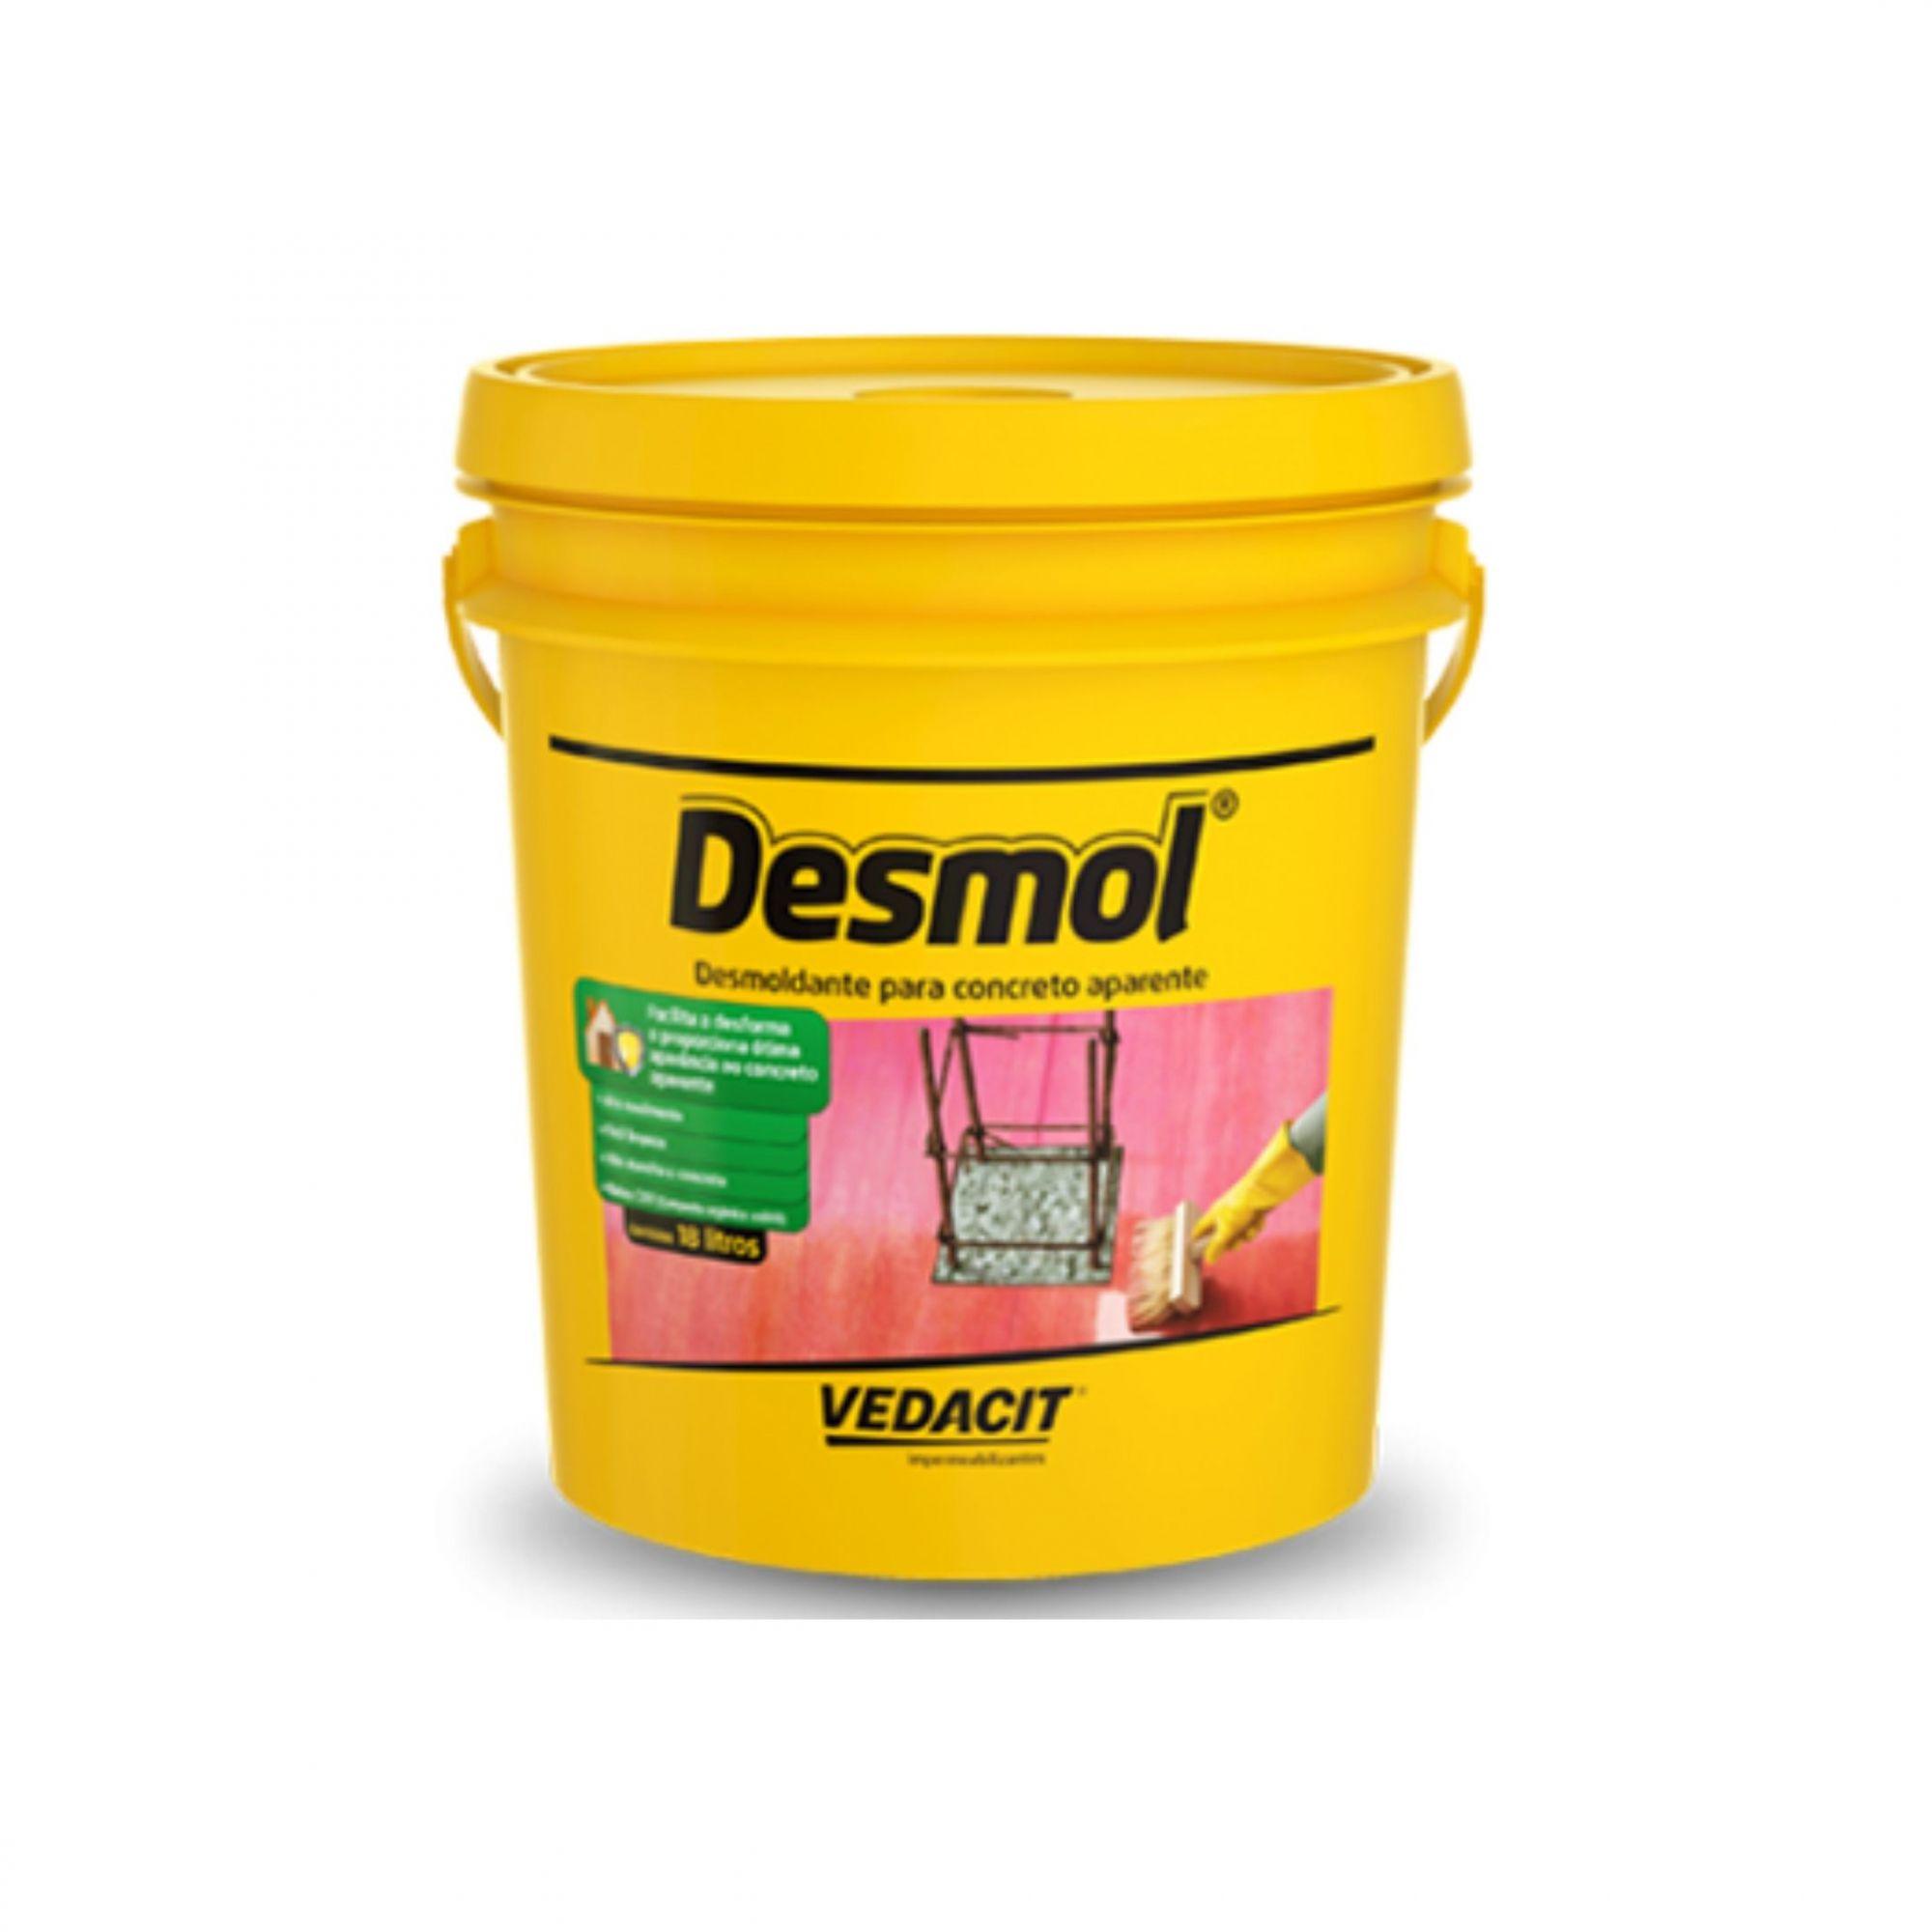 Desmoldante Para Concreto Desmol 3,6 Litros Vedacit